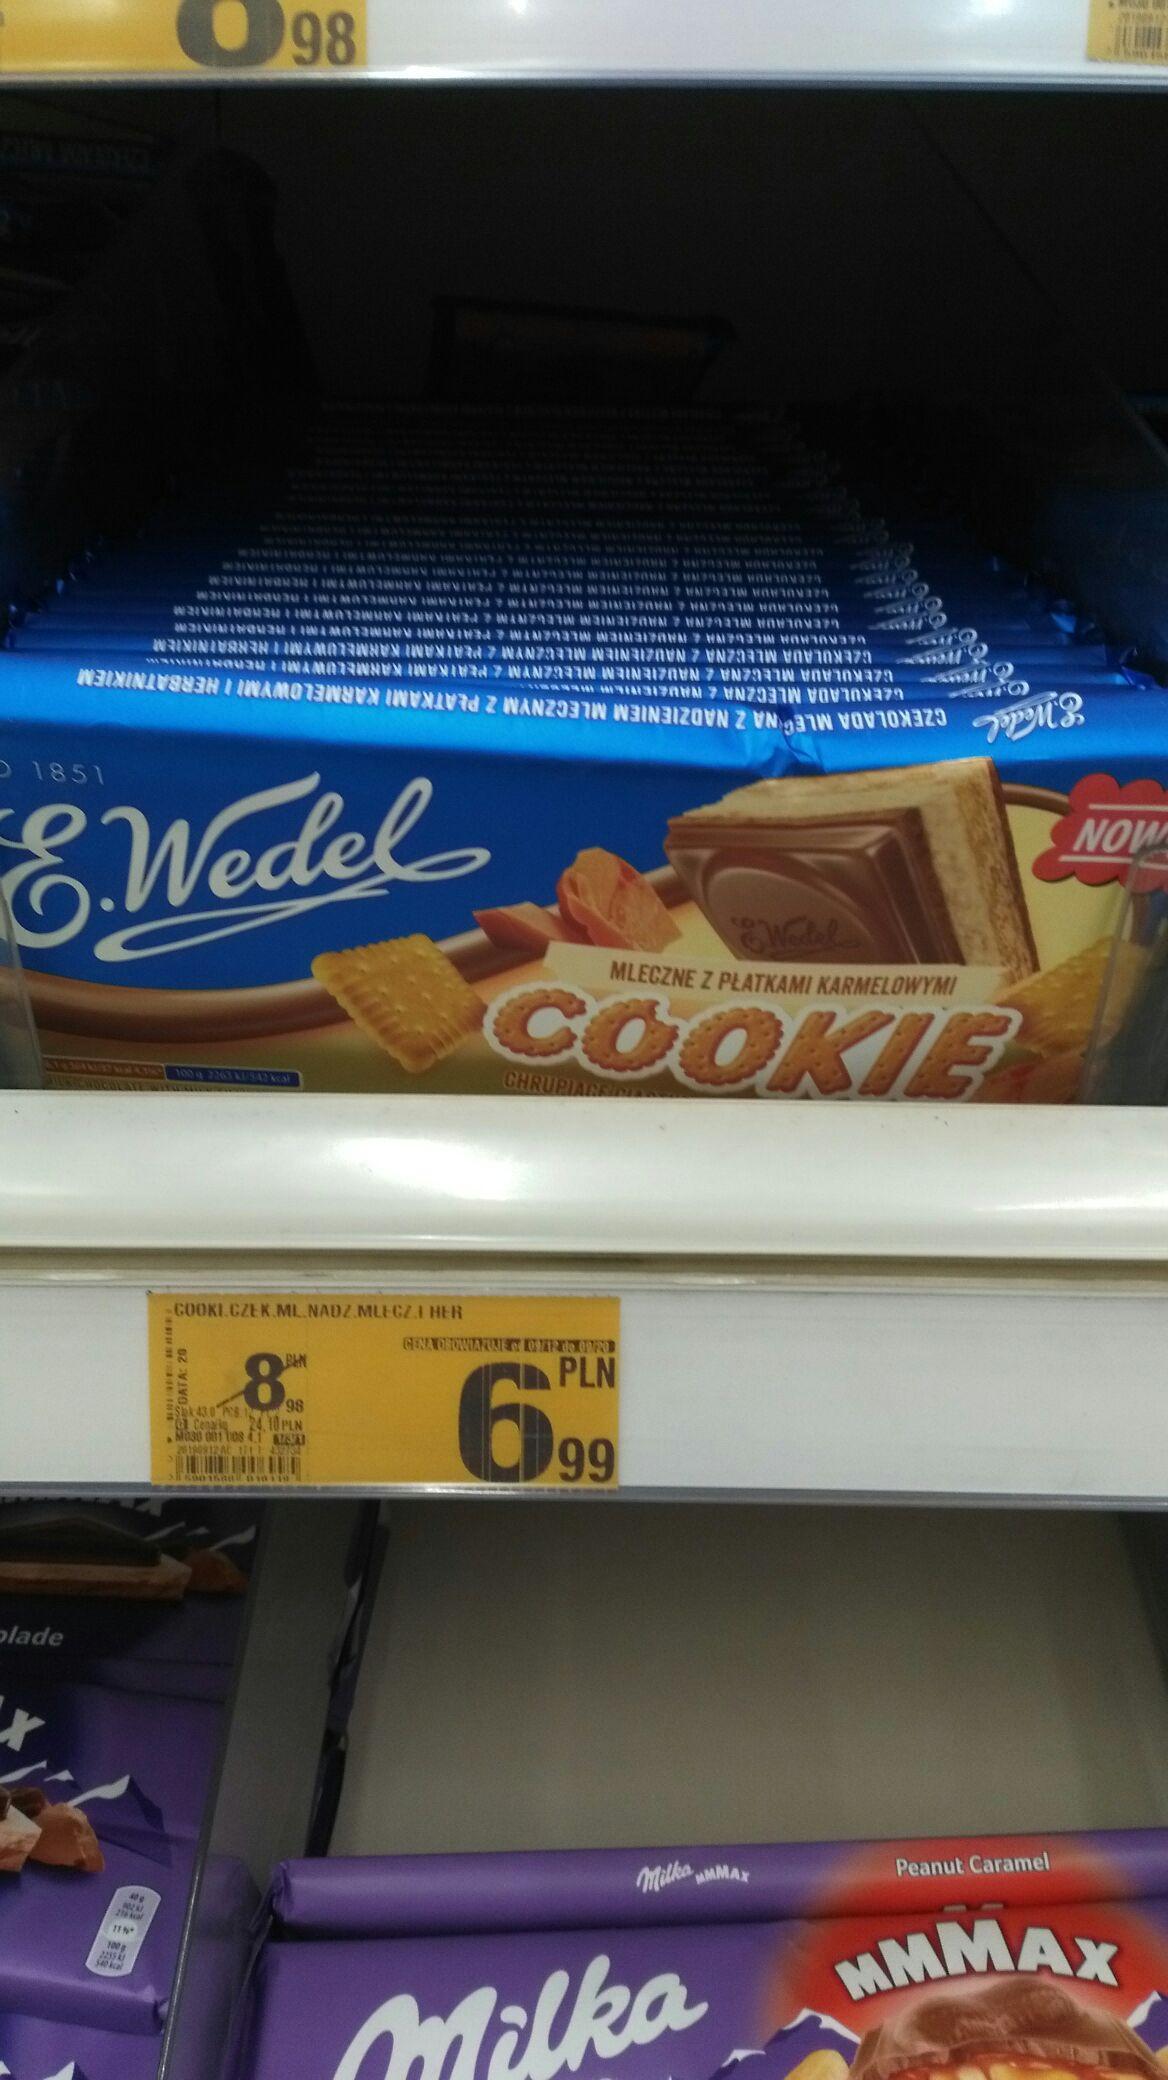 Czekolada Wedel cookie 290g